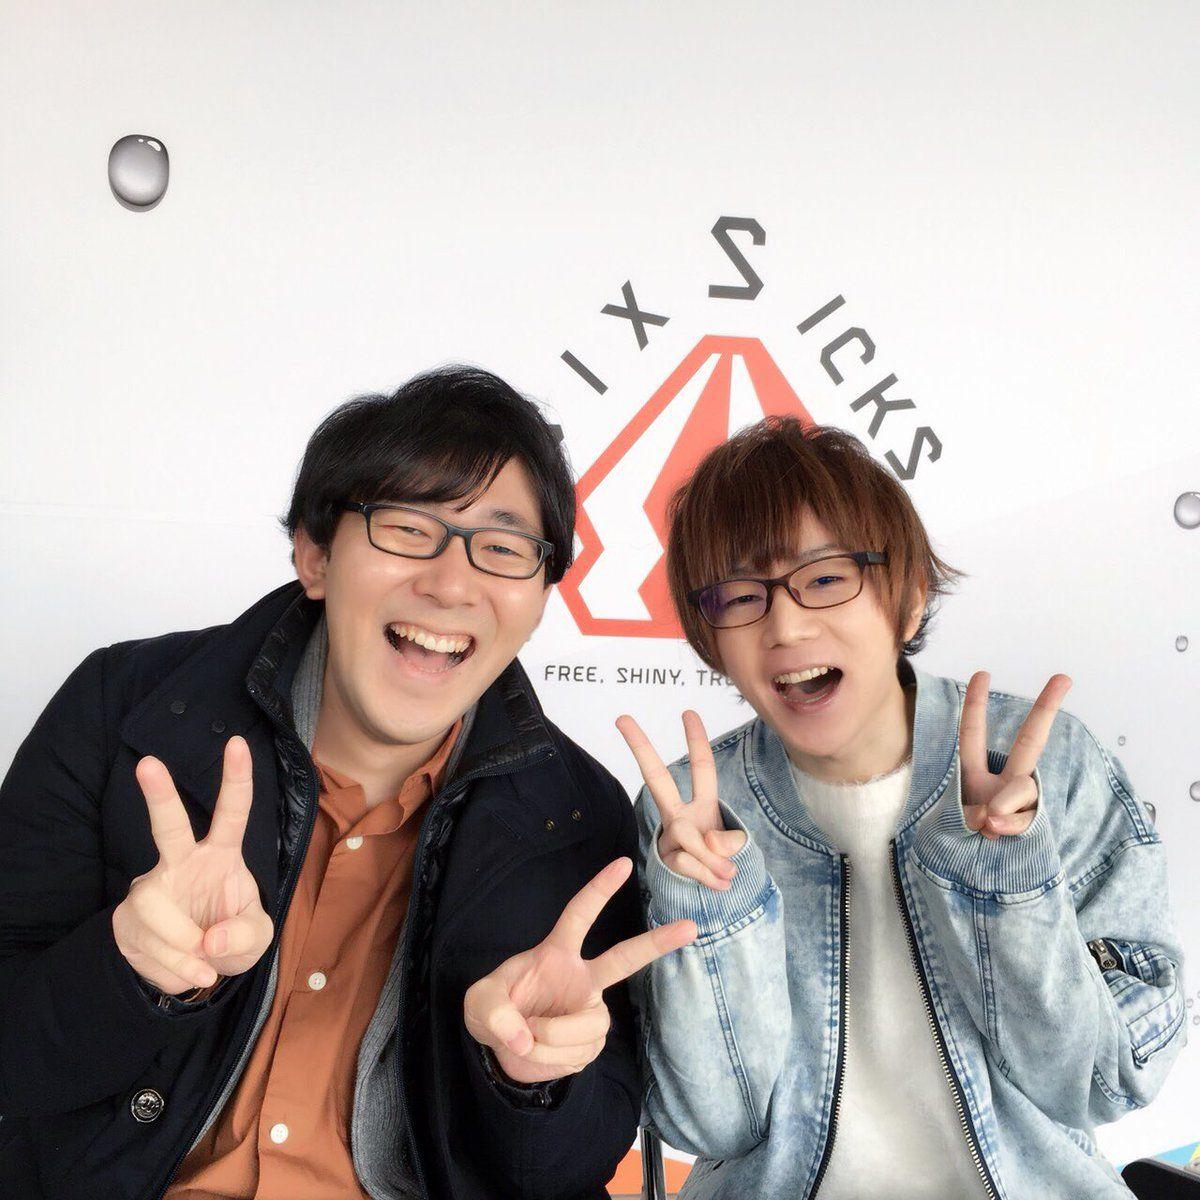 浦田わたる/うらたぬき♣︎浦島坂田船 on | Sei-U | Vocaloid, The voice